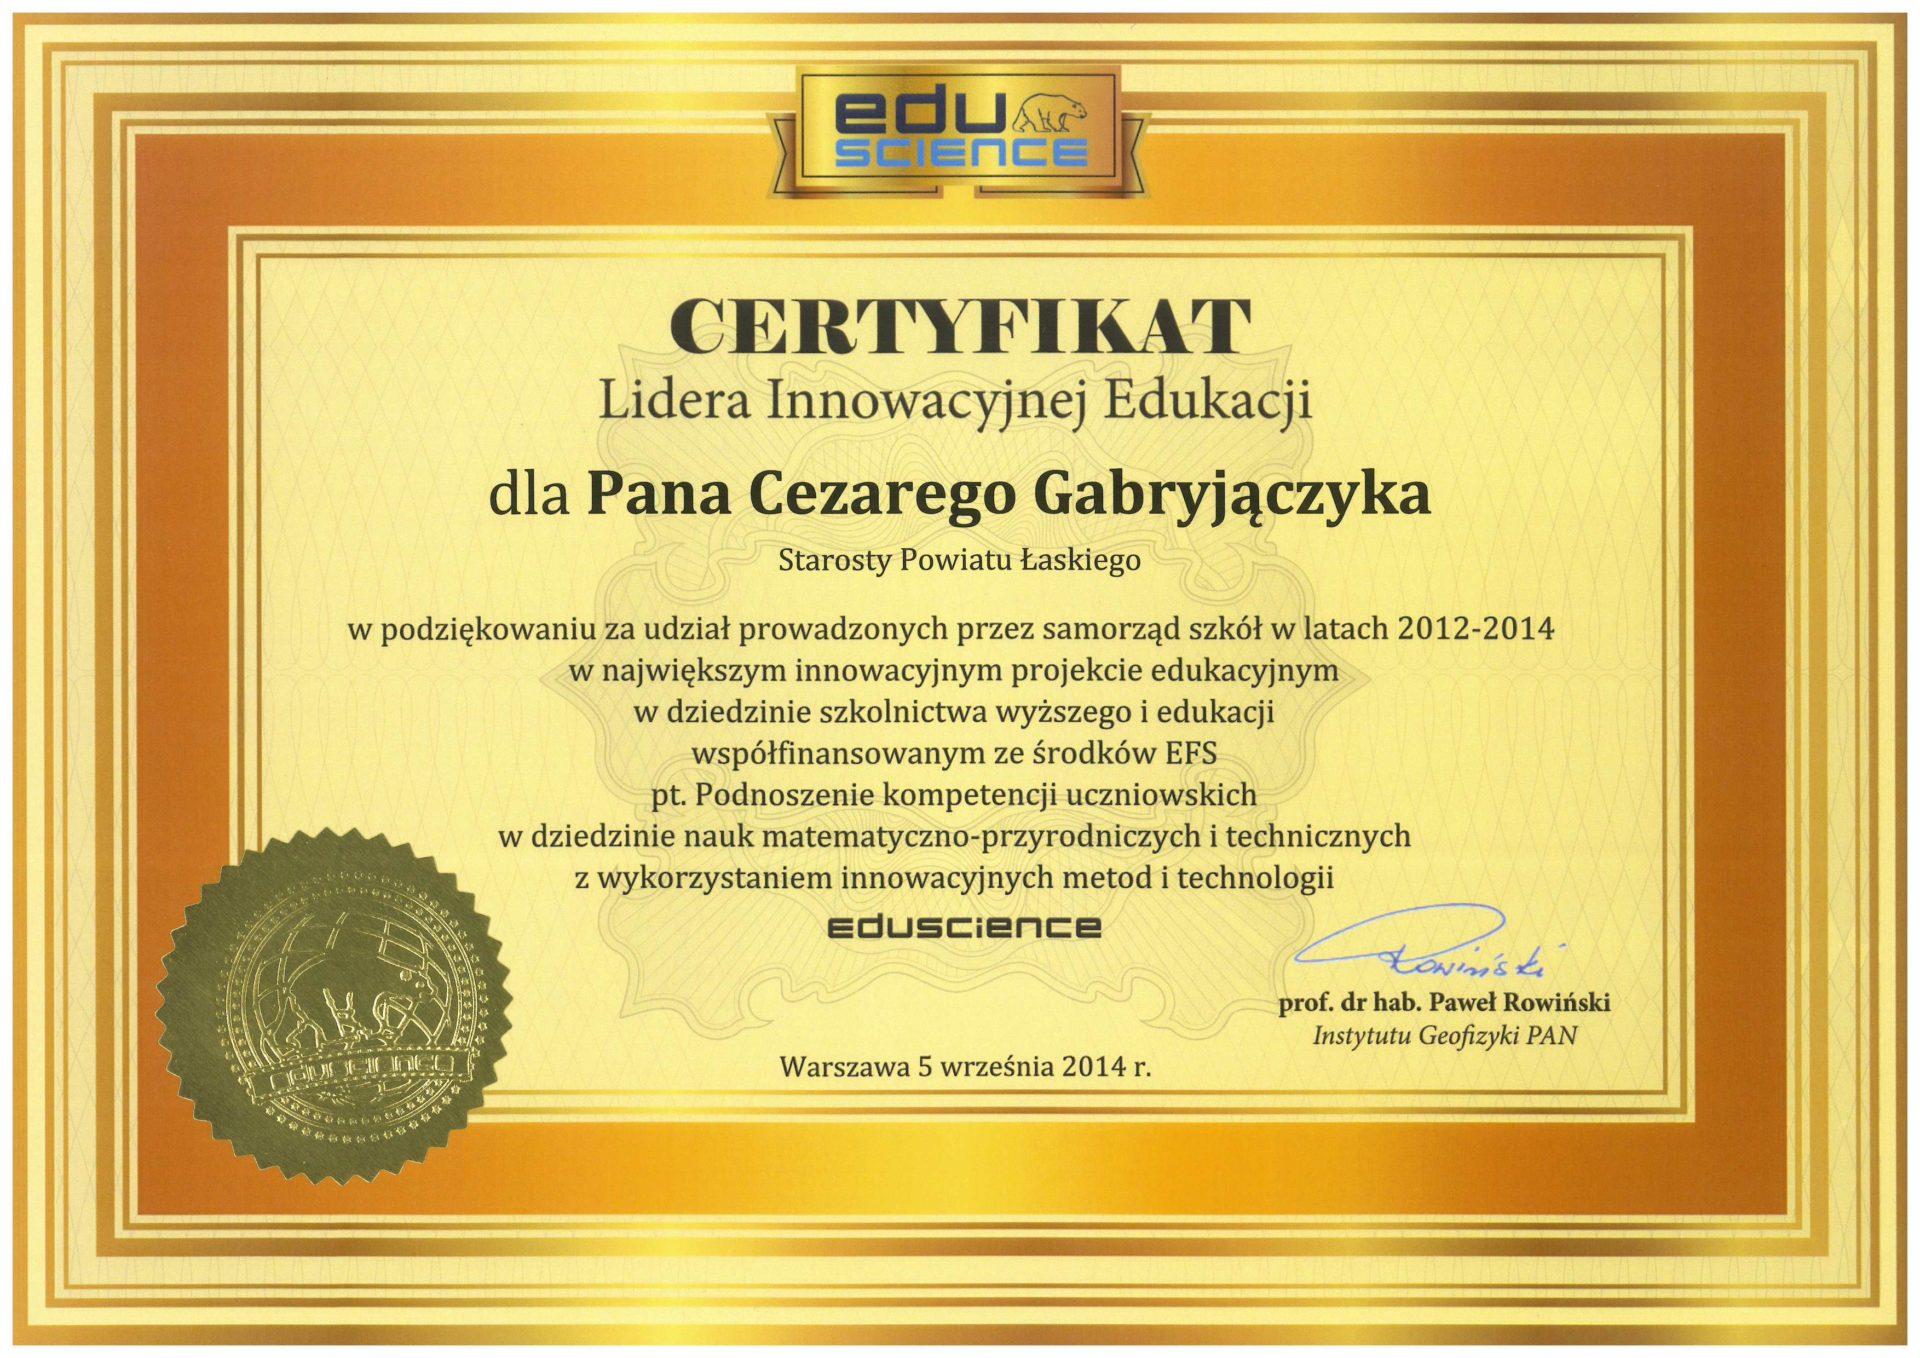 Certyfikat Lidera Innowacyjnej Edukacji